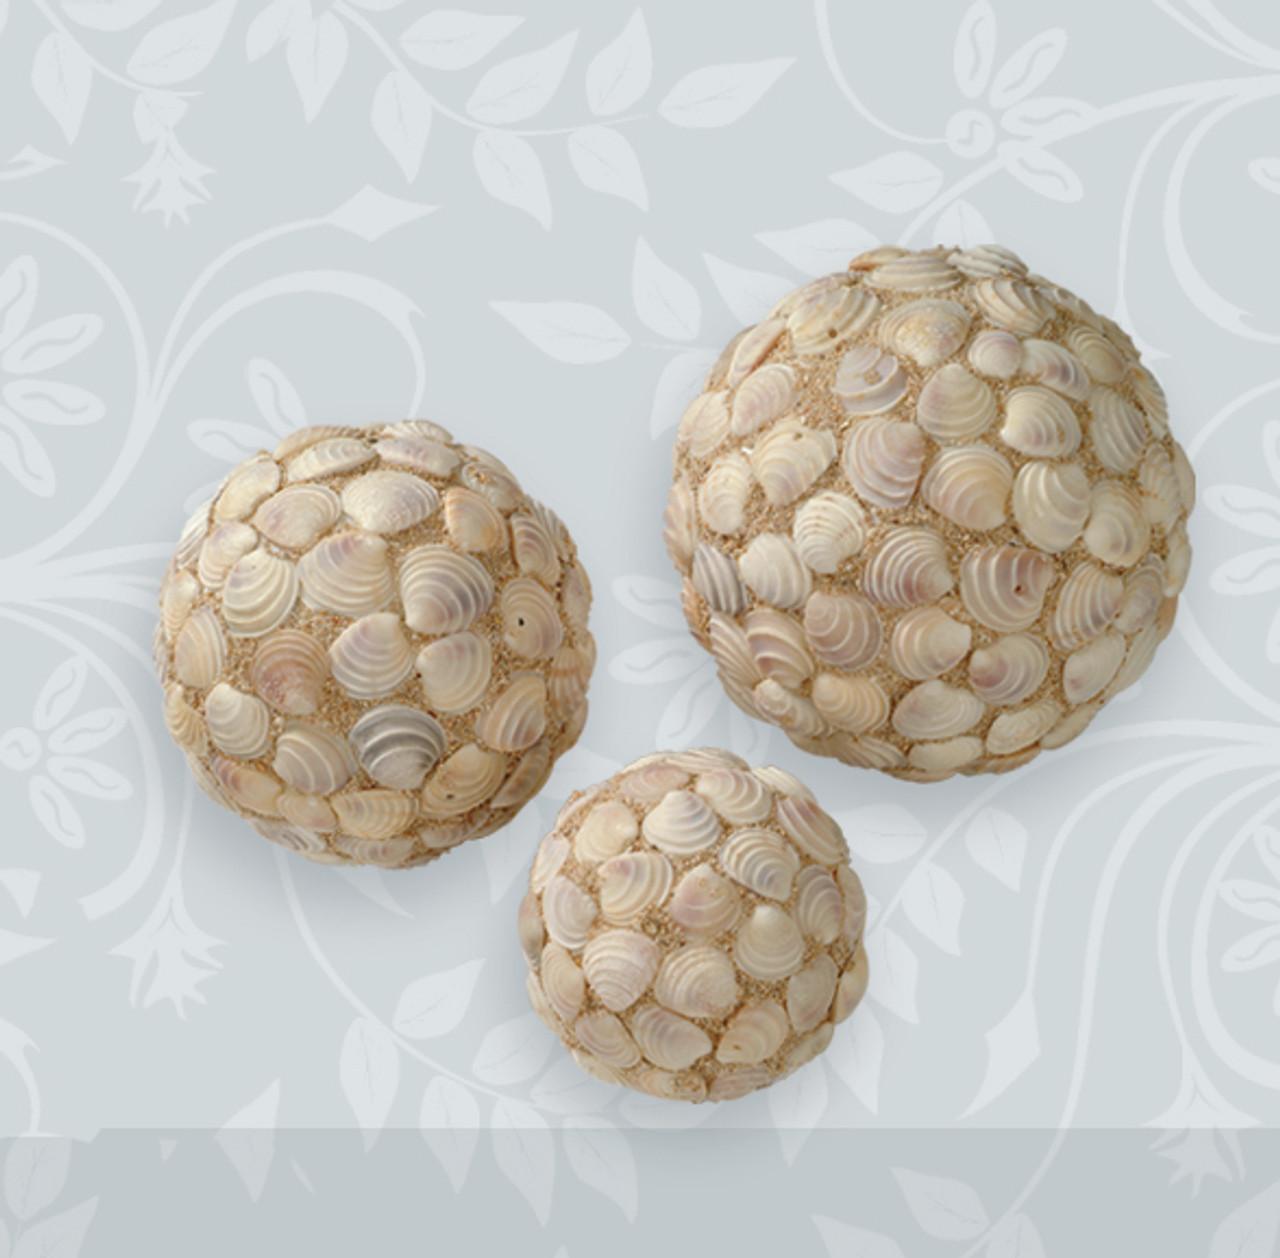 Seashell Ball - Cockle Shells